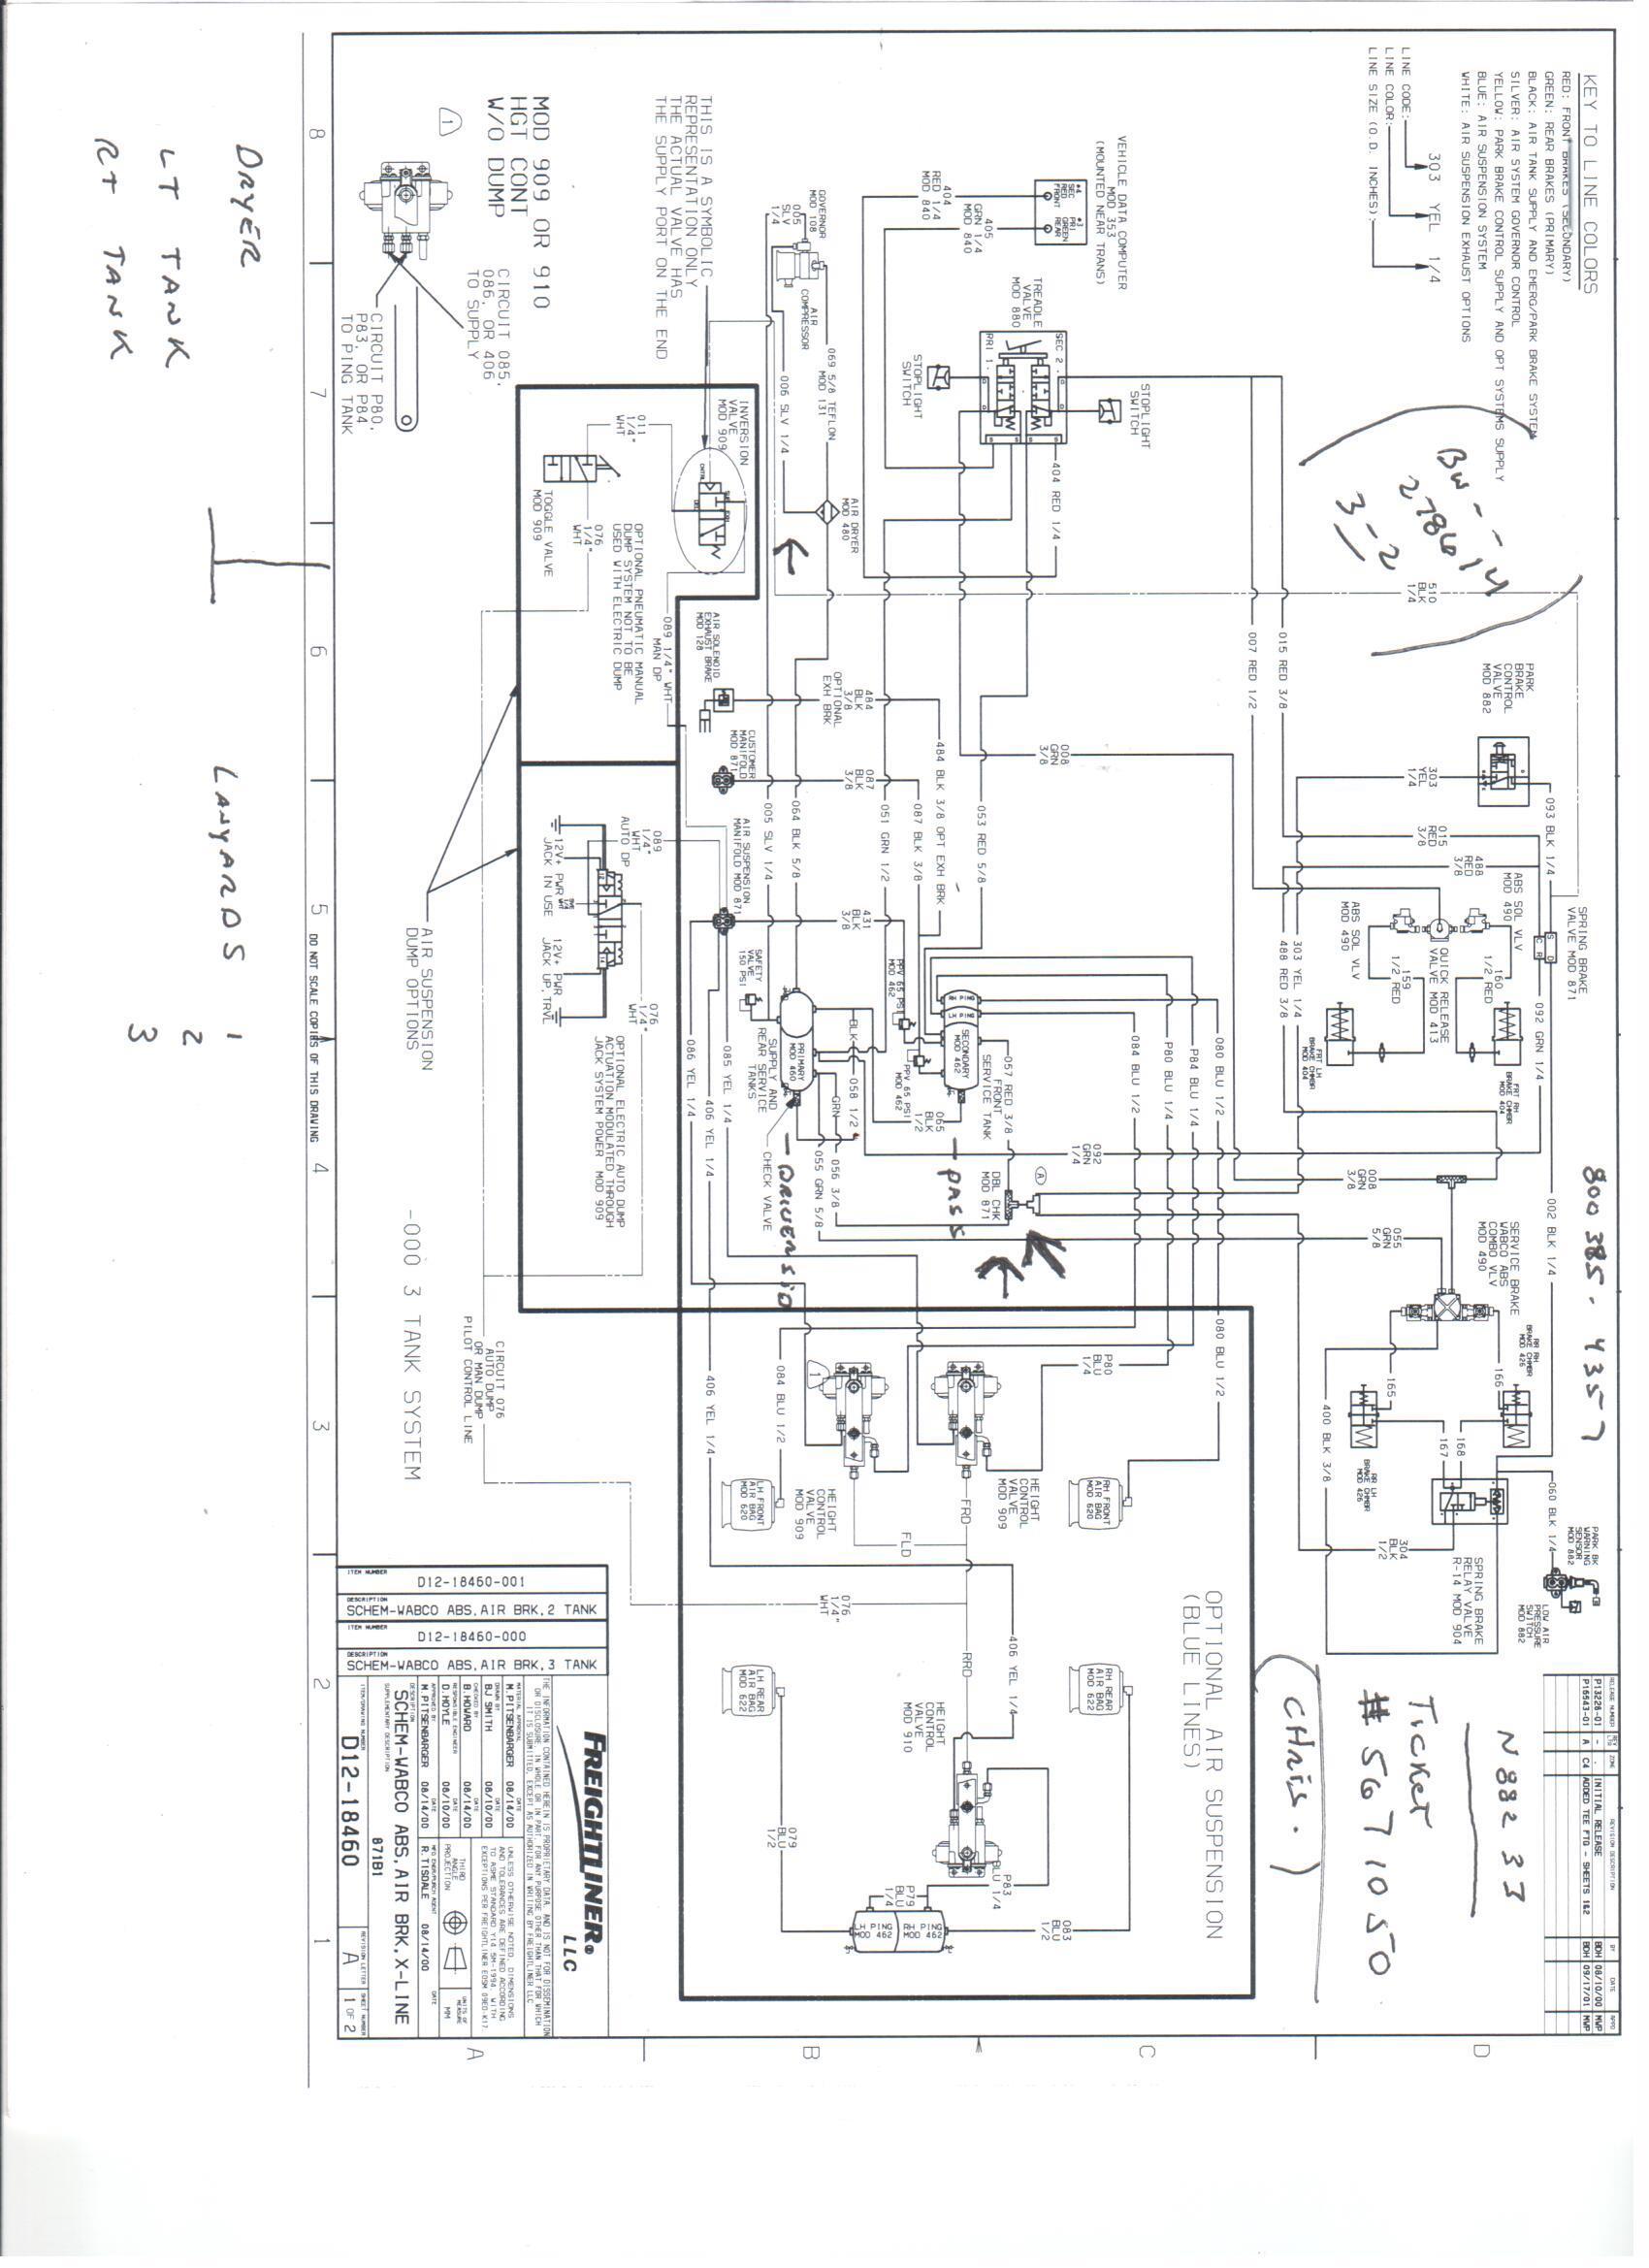 2011 Freightliner Air Bag Dump Valve Switch Wiring